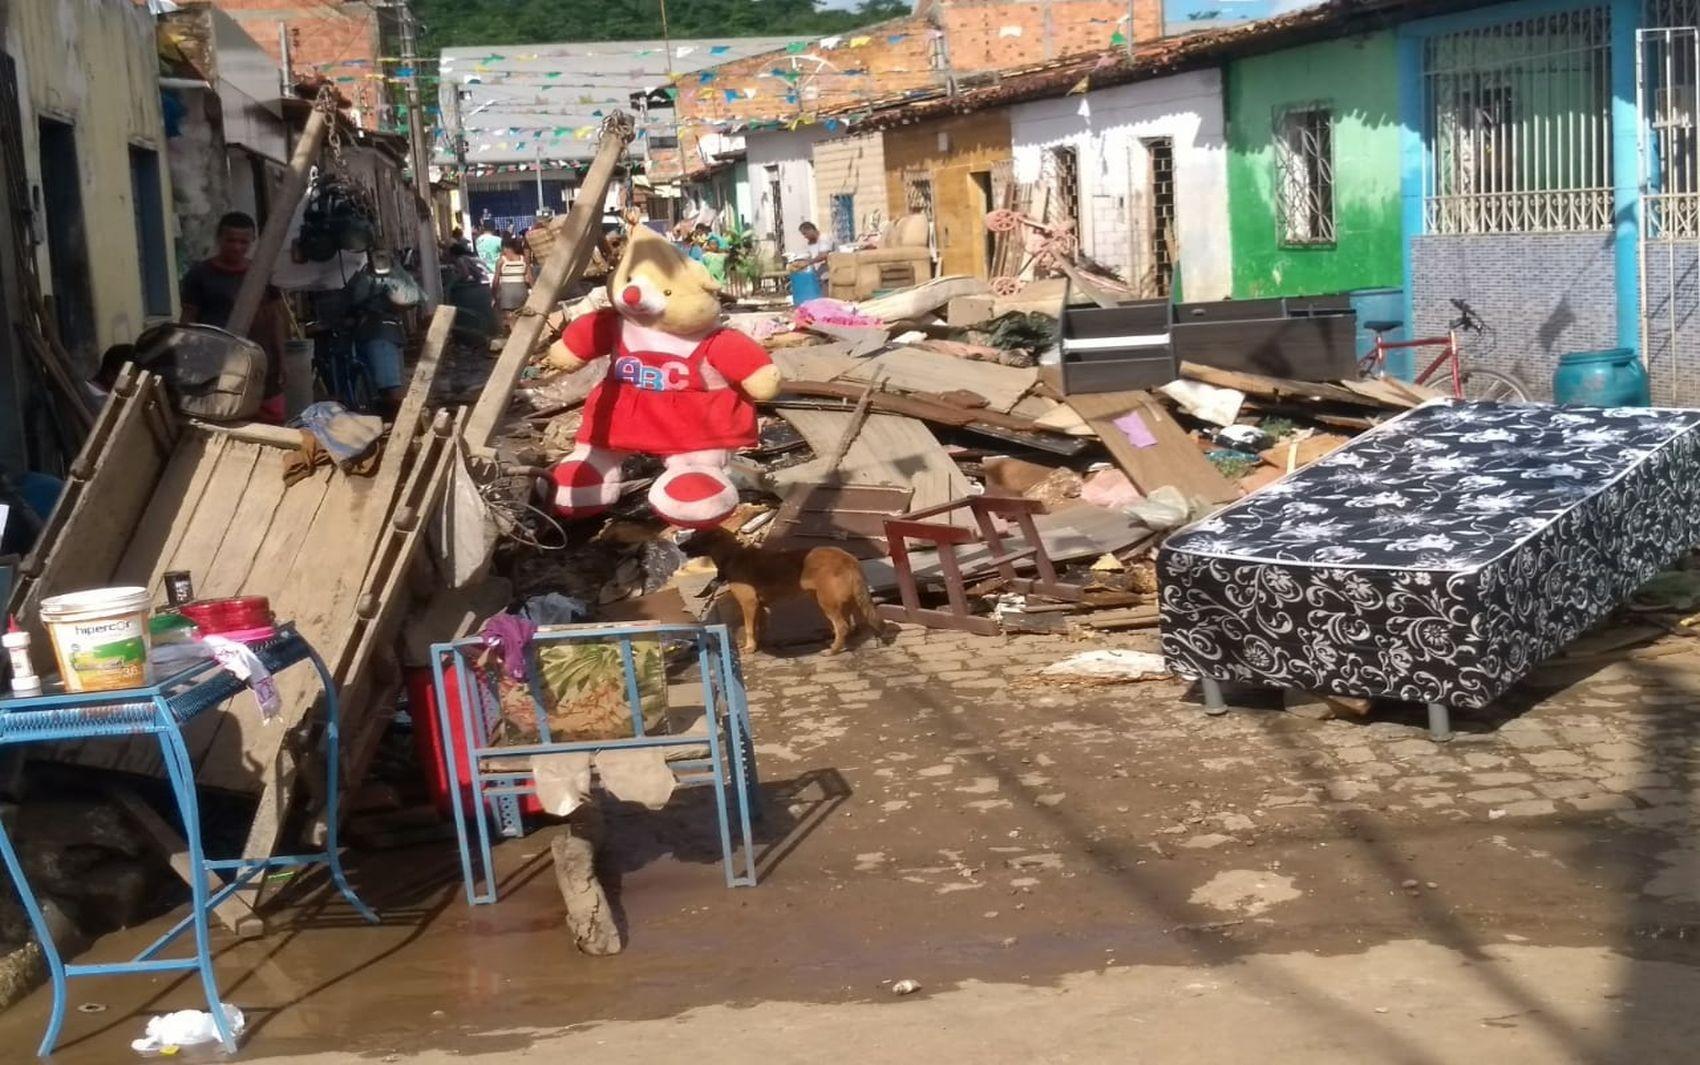 Situação de emergência em Riachuelo é reconhecida pelo Governo Federal - Notícias - Plantão Diário